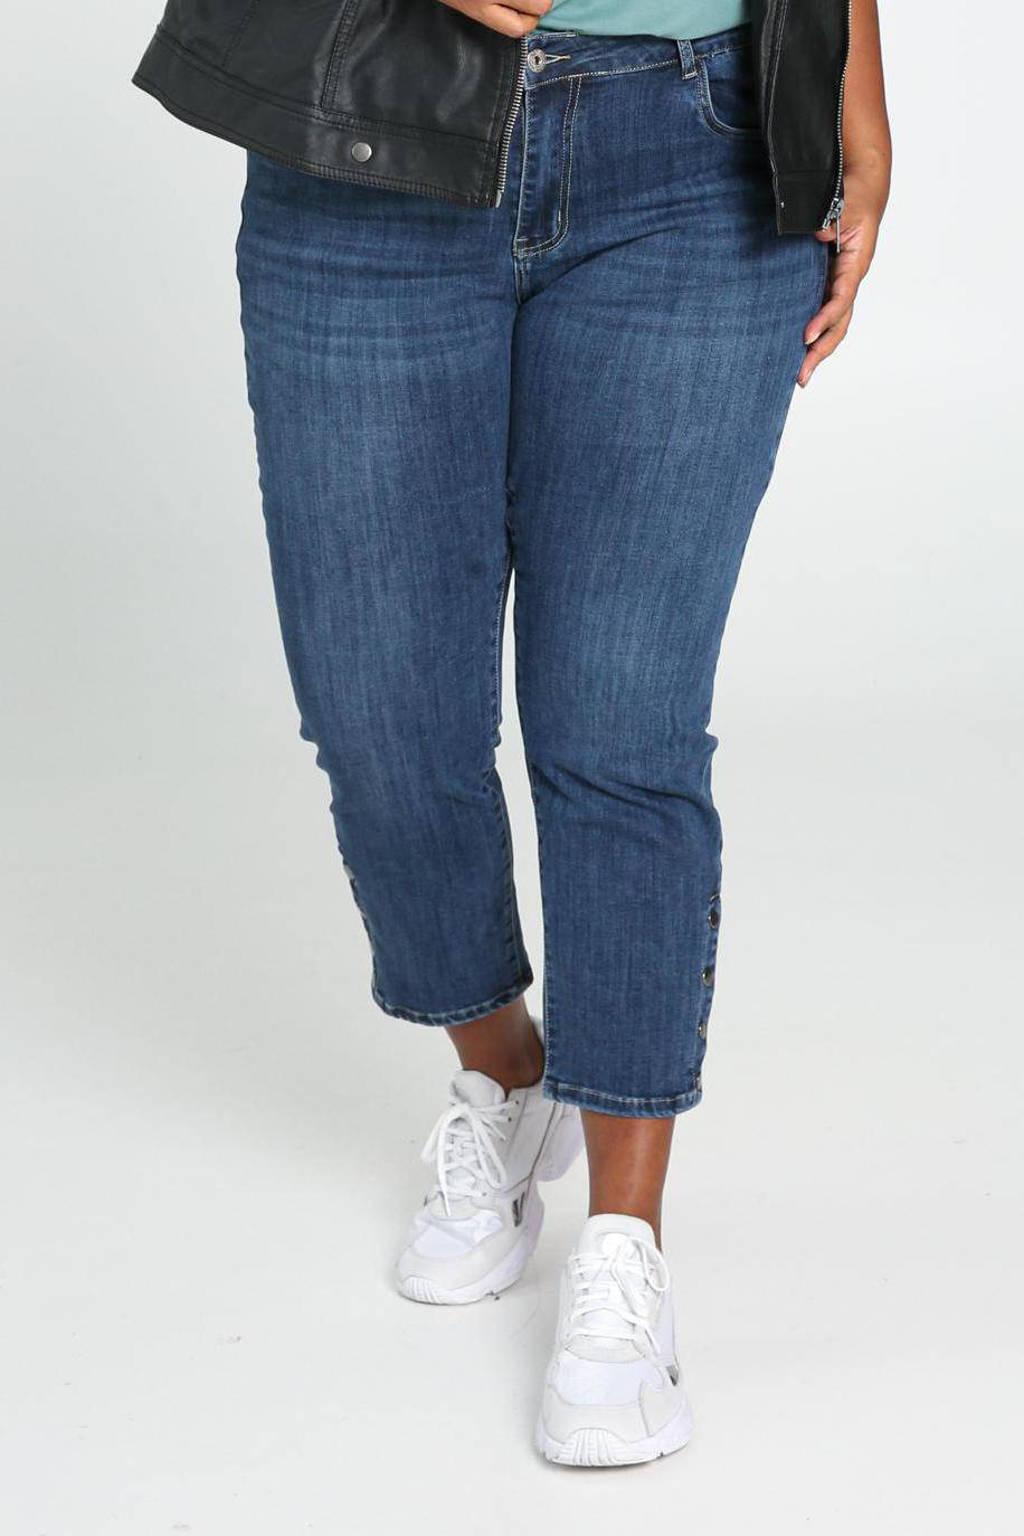 Paprika skinny jeans dark denim stonewashed, Dark denim stonewashed